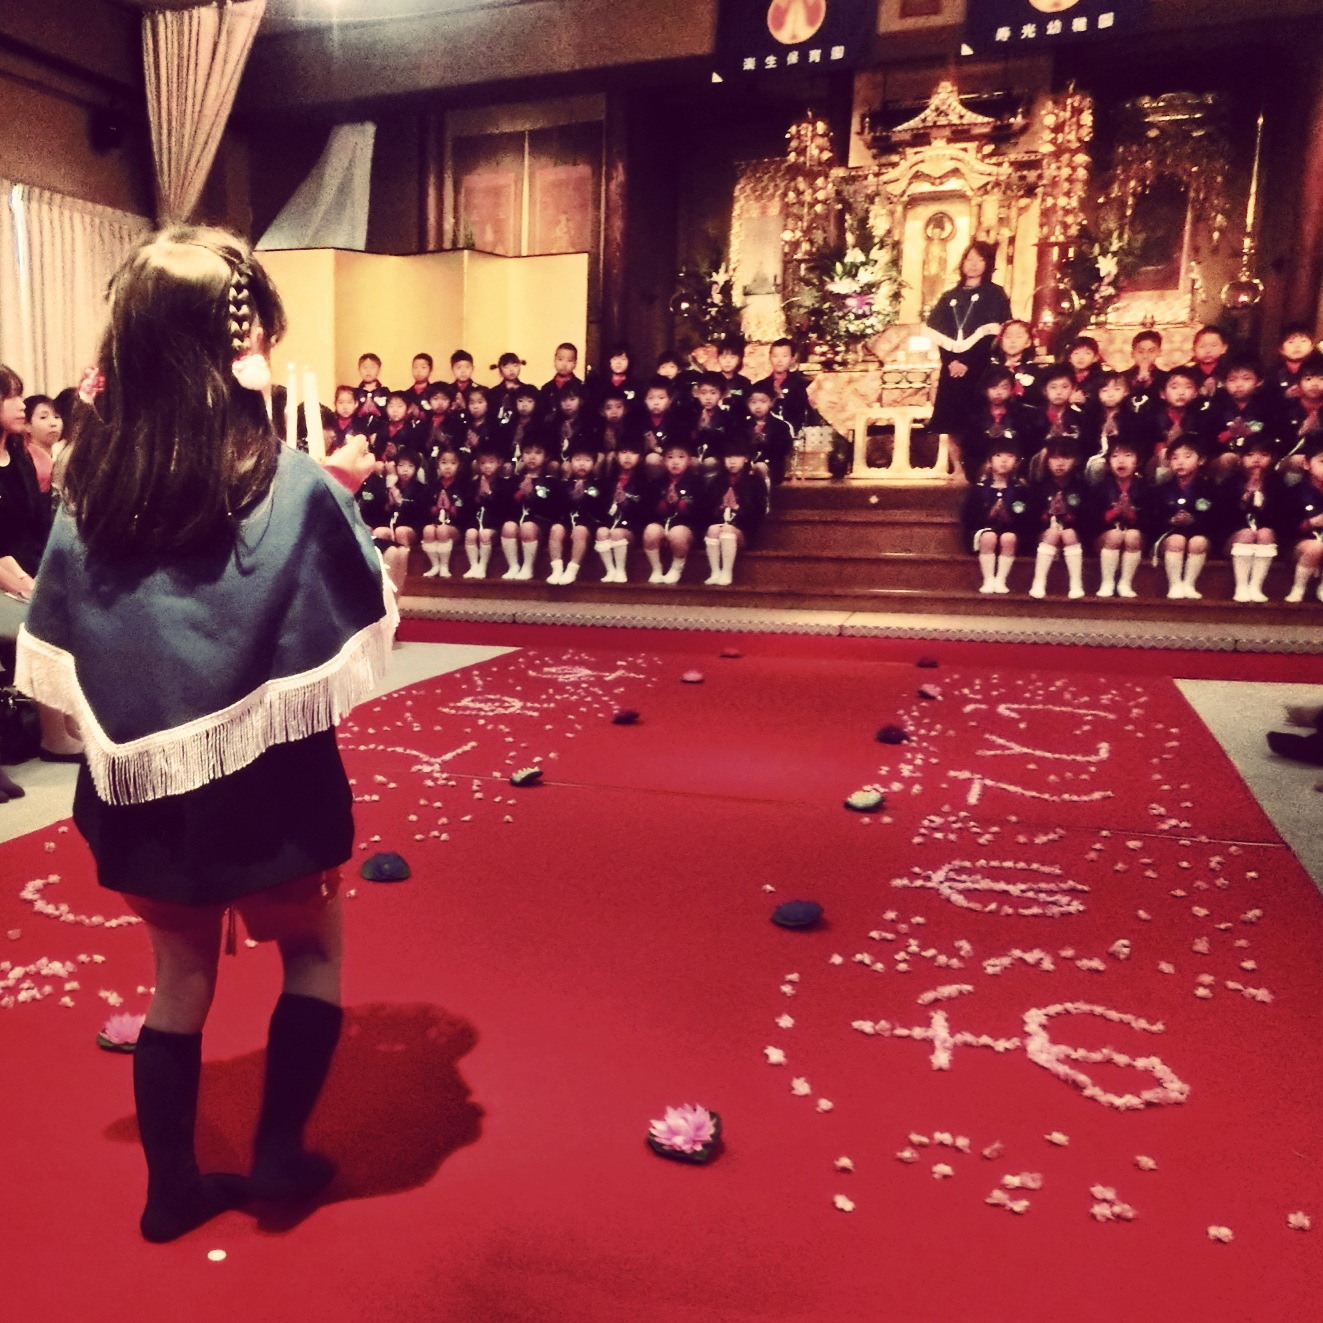 平成25年度楽生保育園寿光幼稚園卒園式 みんな生まれてくれてありがとう_b0188106_00491069.jpg